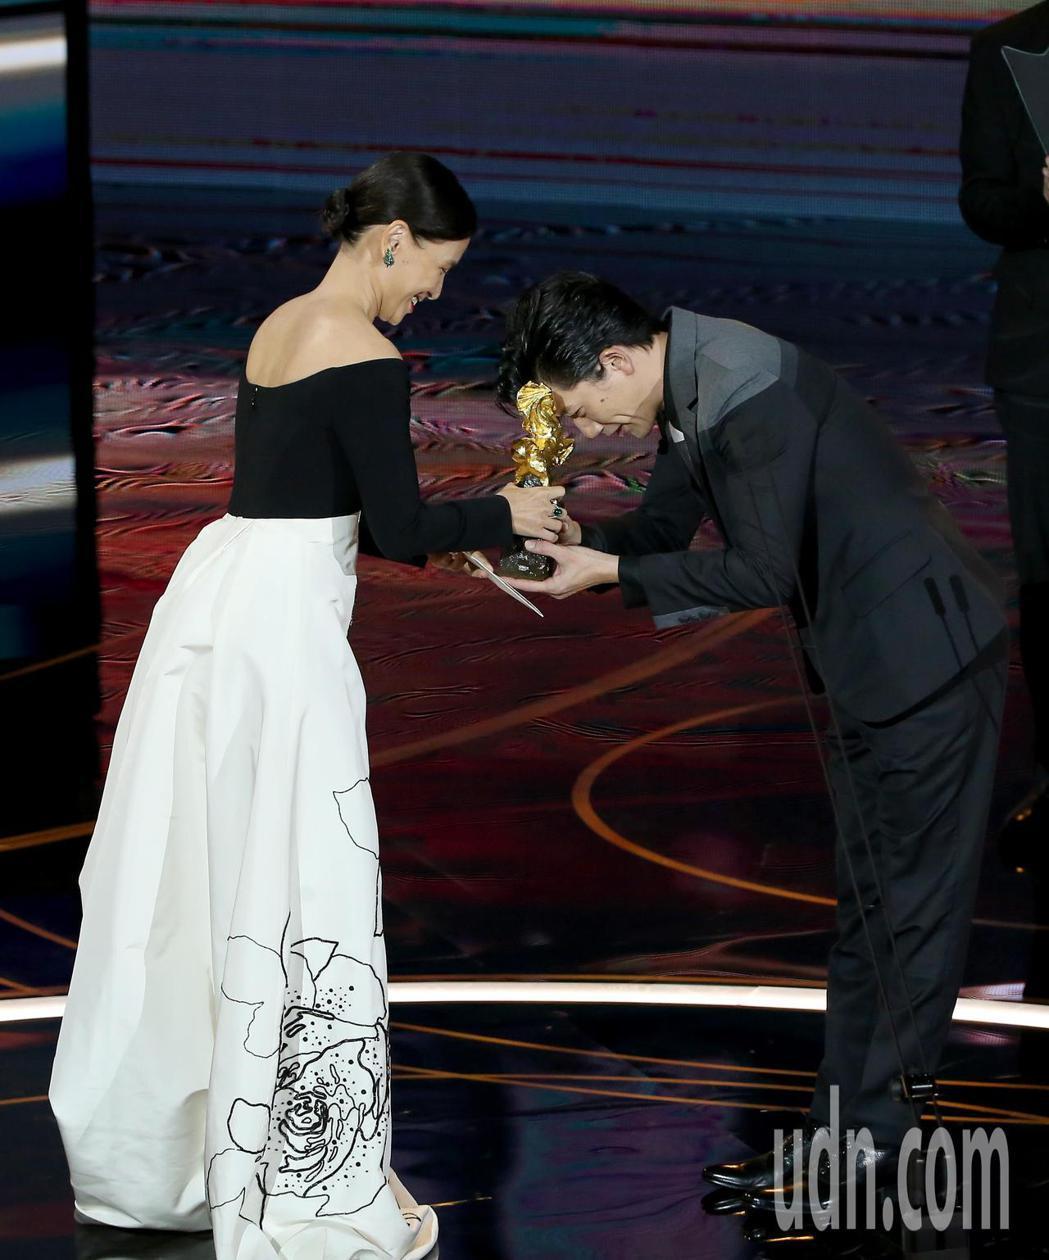 第57屆金馬獎頒獎典禮在國父紀念館舉行,莫子儀(右)以《親愛的房客》獲頒最佳男主